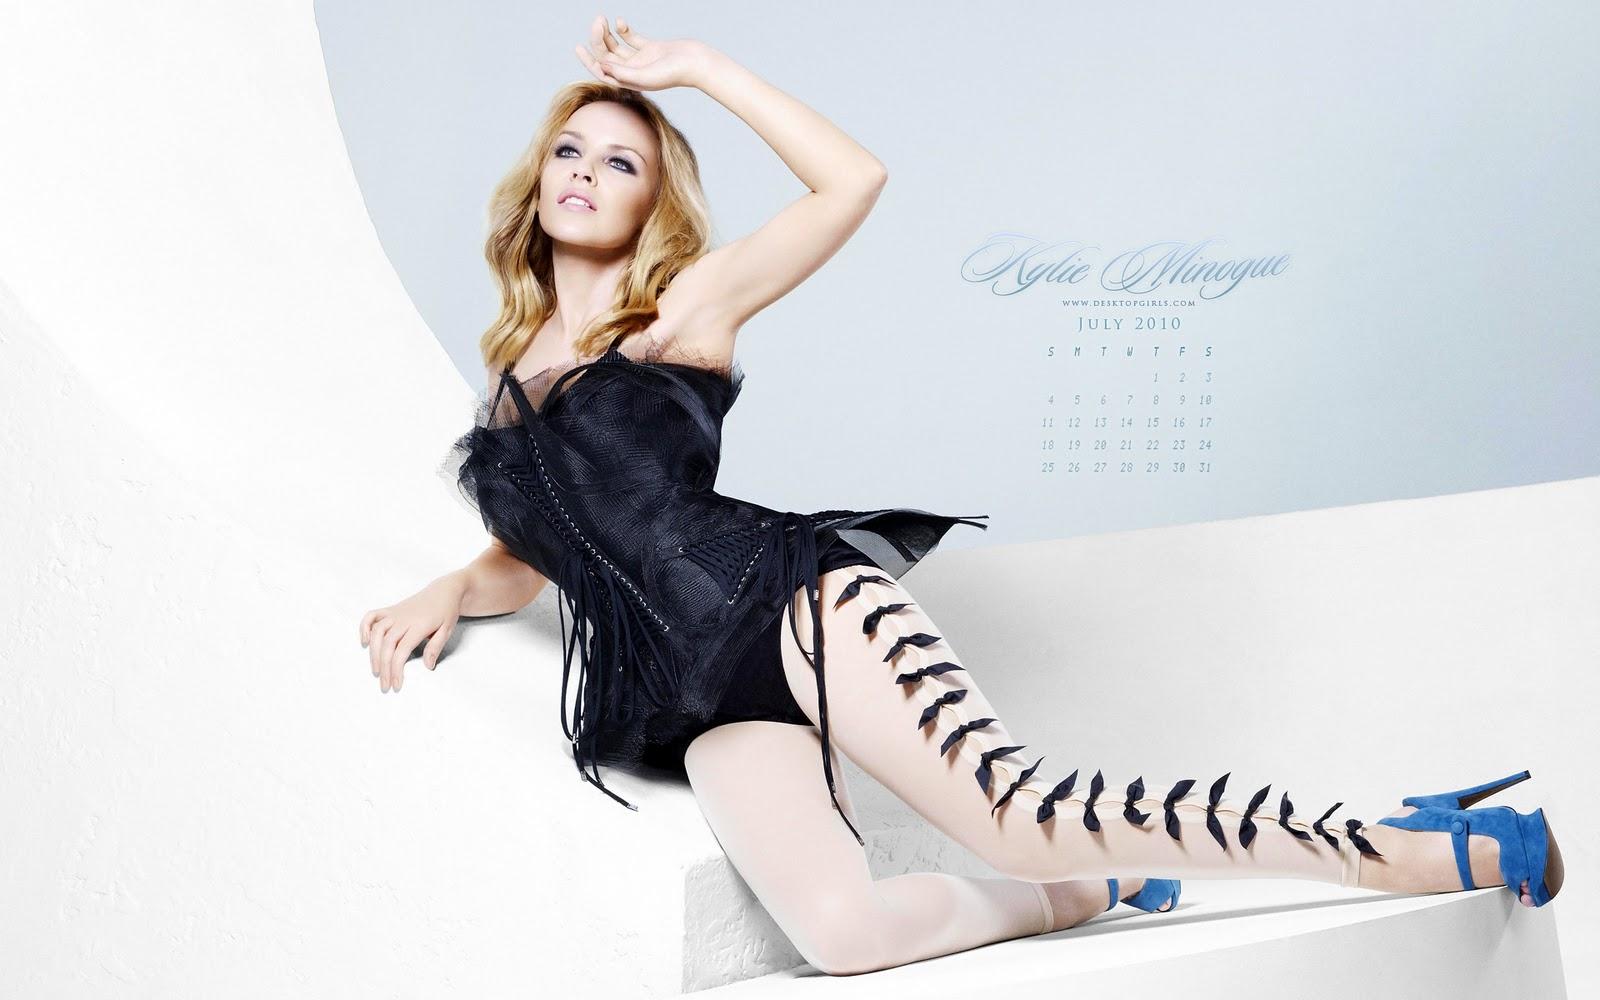 http://3.bp.blogspot.com/_PaYqly2XTfs/TPznJw7EnZI/AAAAAAAAAHU/iw3IOt0r4UM/s1600/Kylie_Minogue_1.jpg